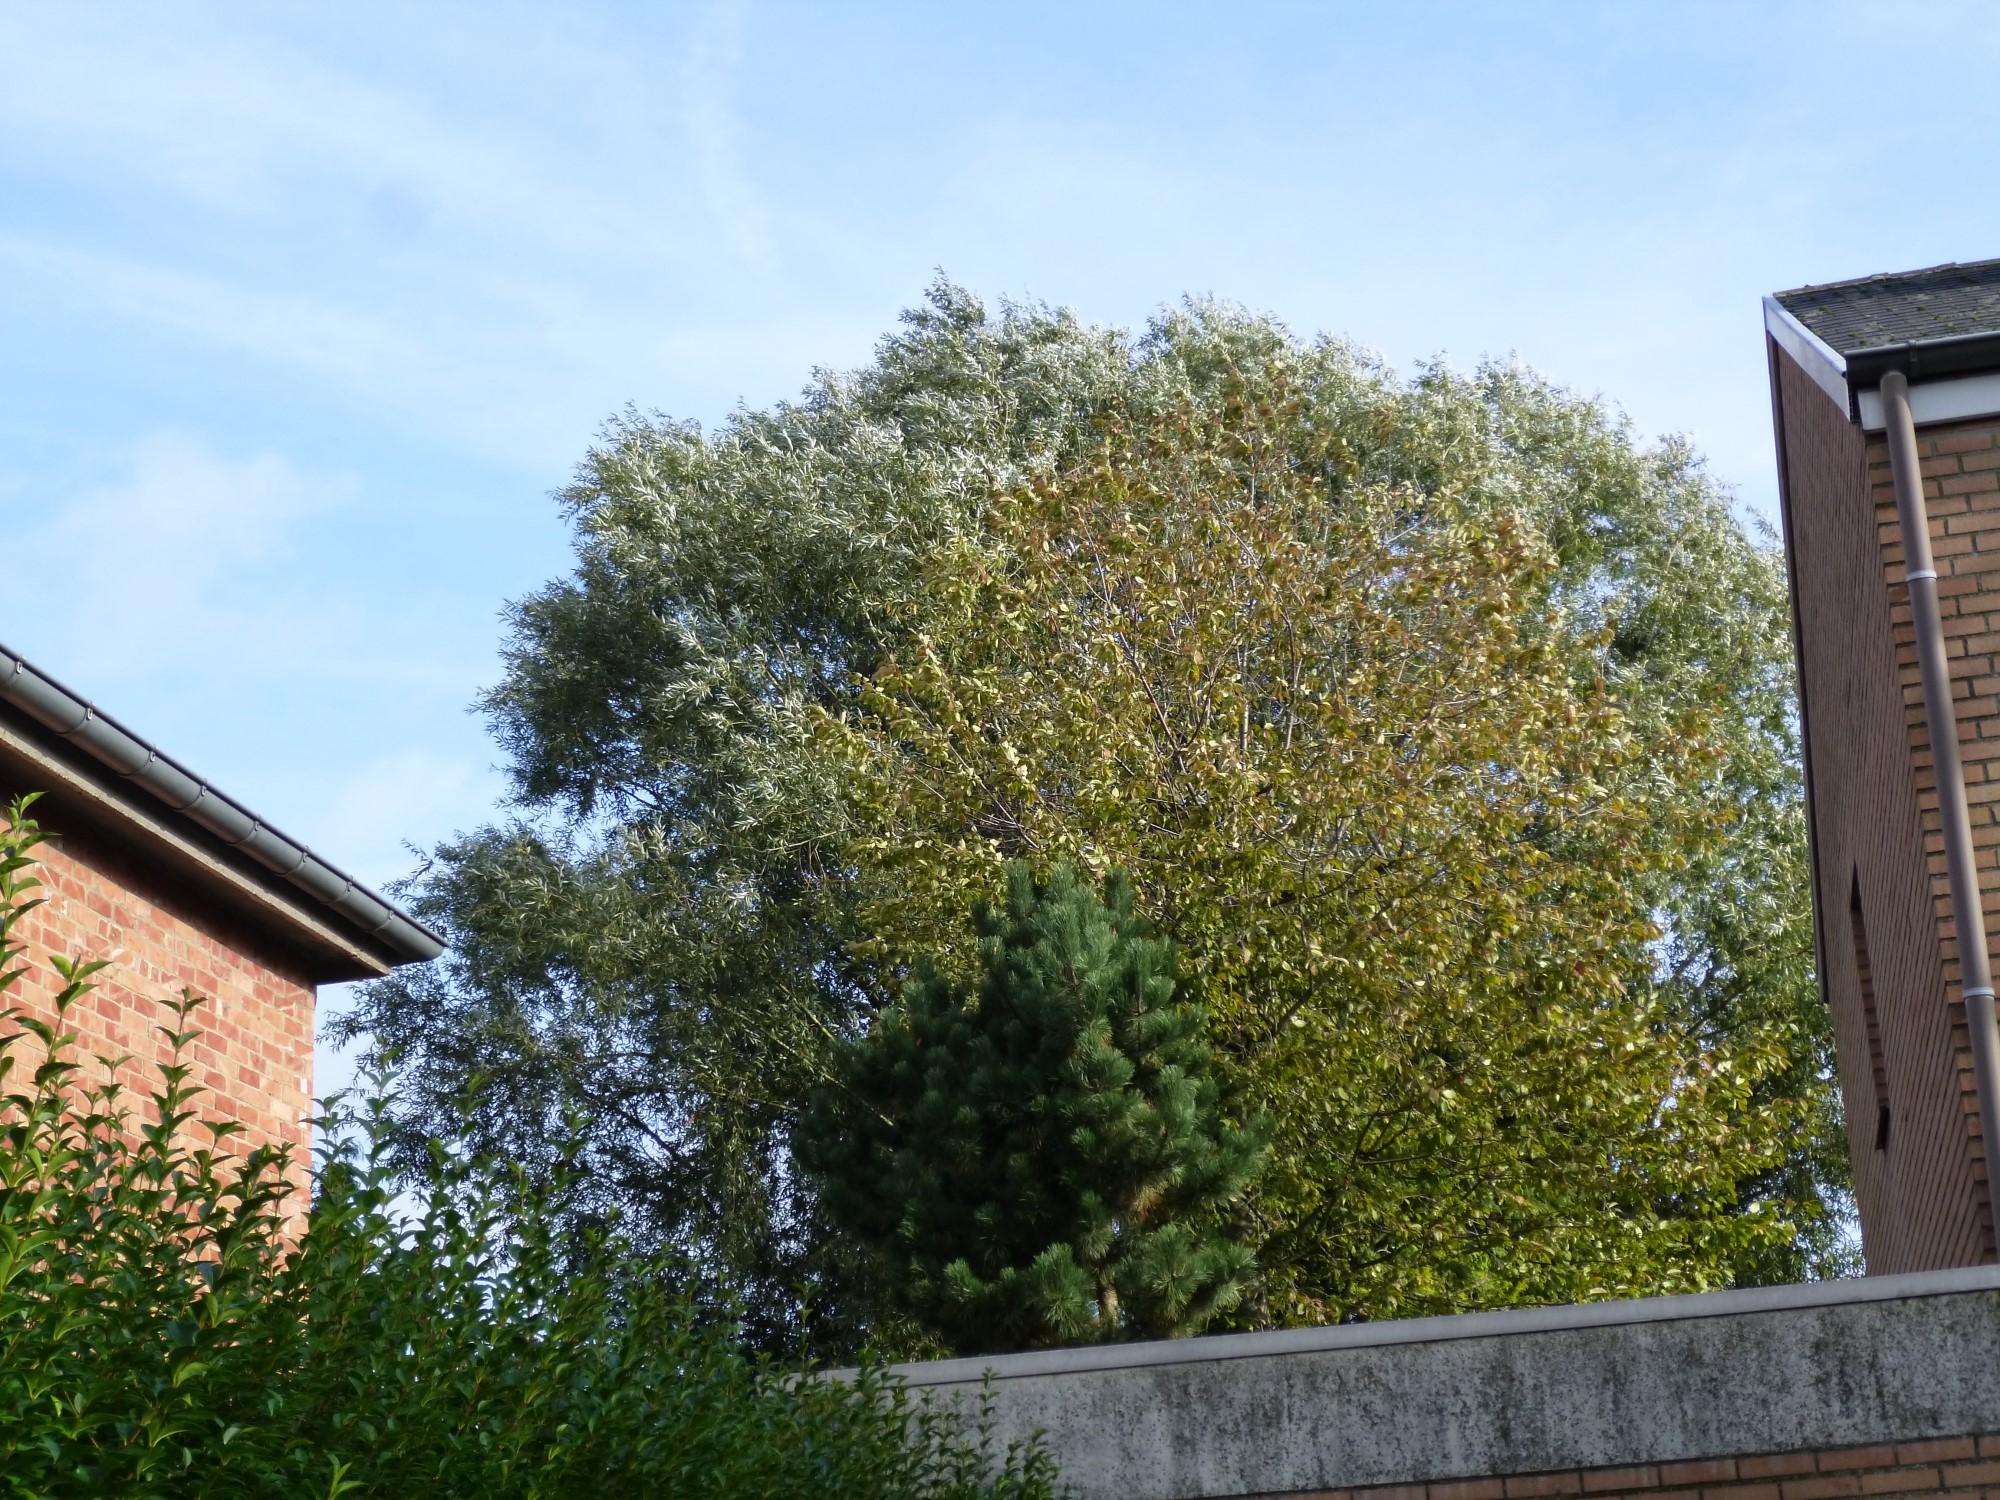 Saule blanc – Berchem-Sainte-Agathe, Avenue du Cognassier, 60 –  04 Octobre 2013